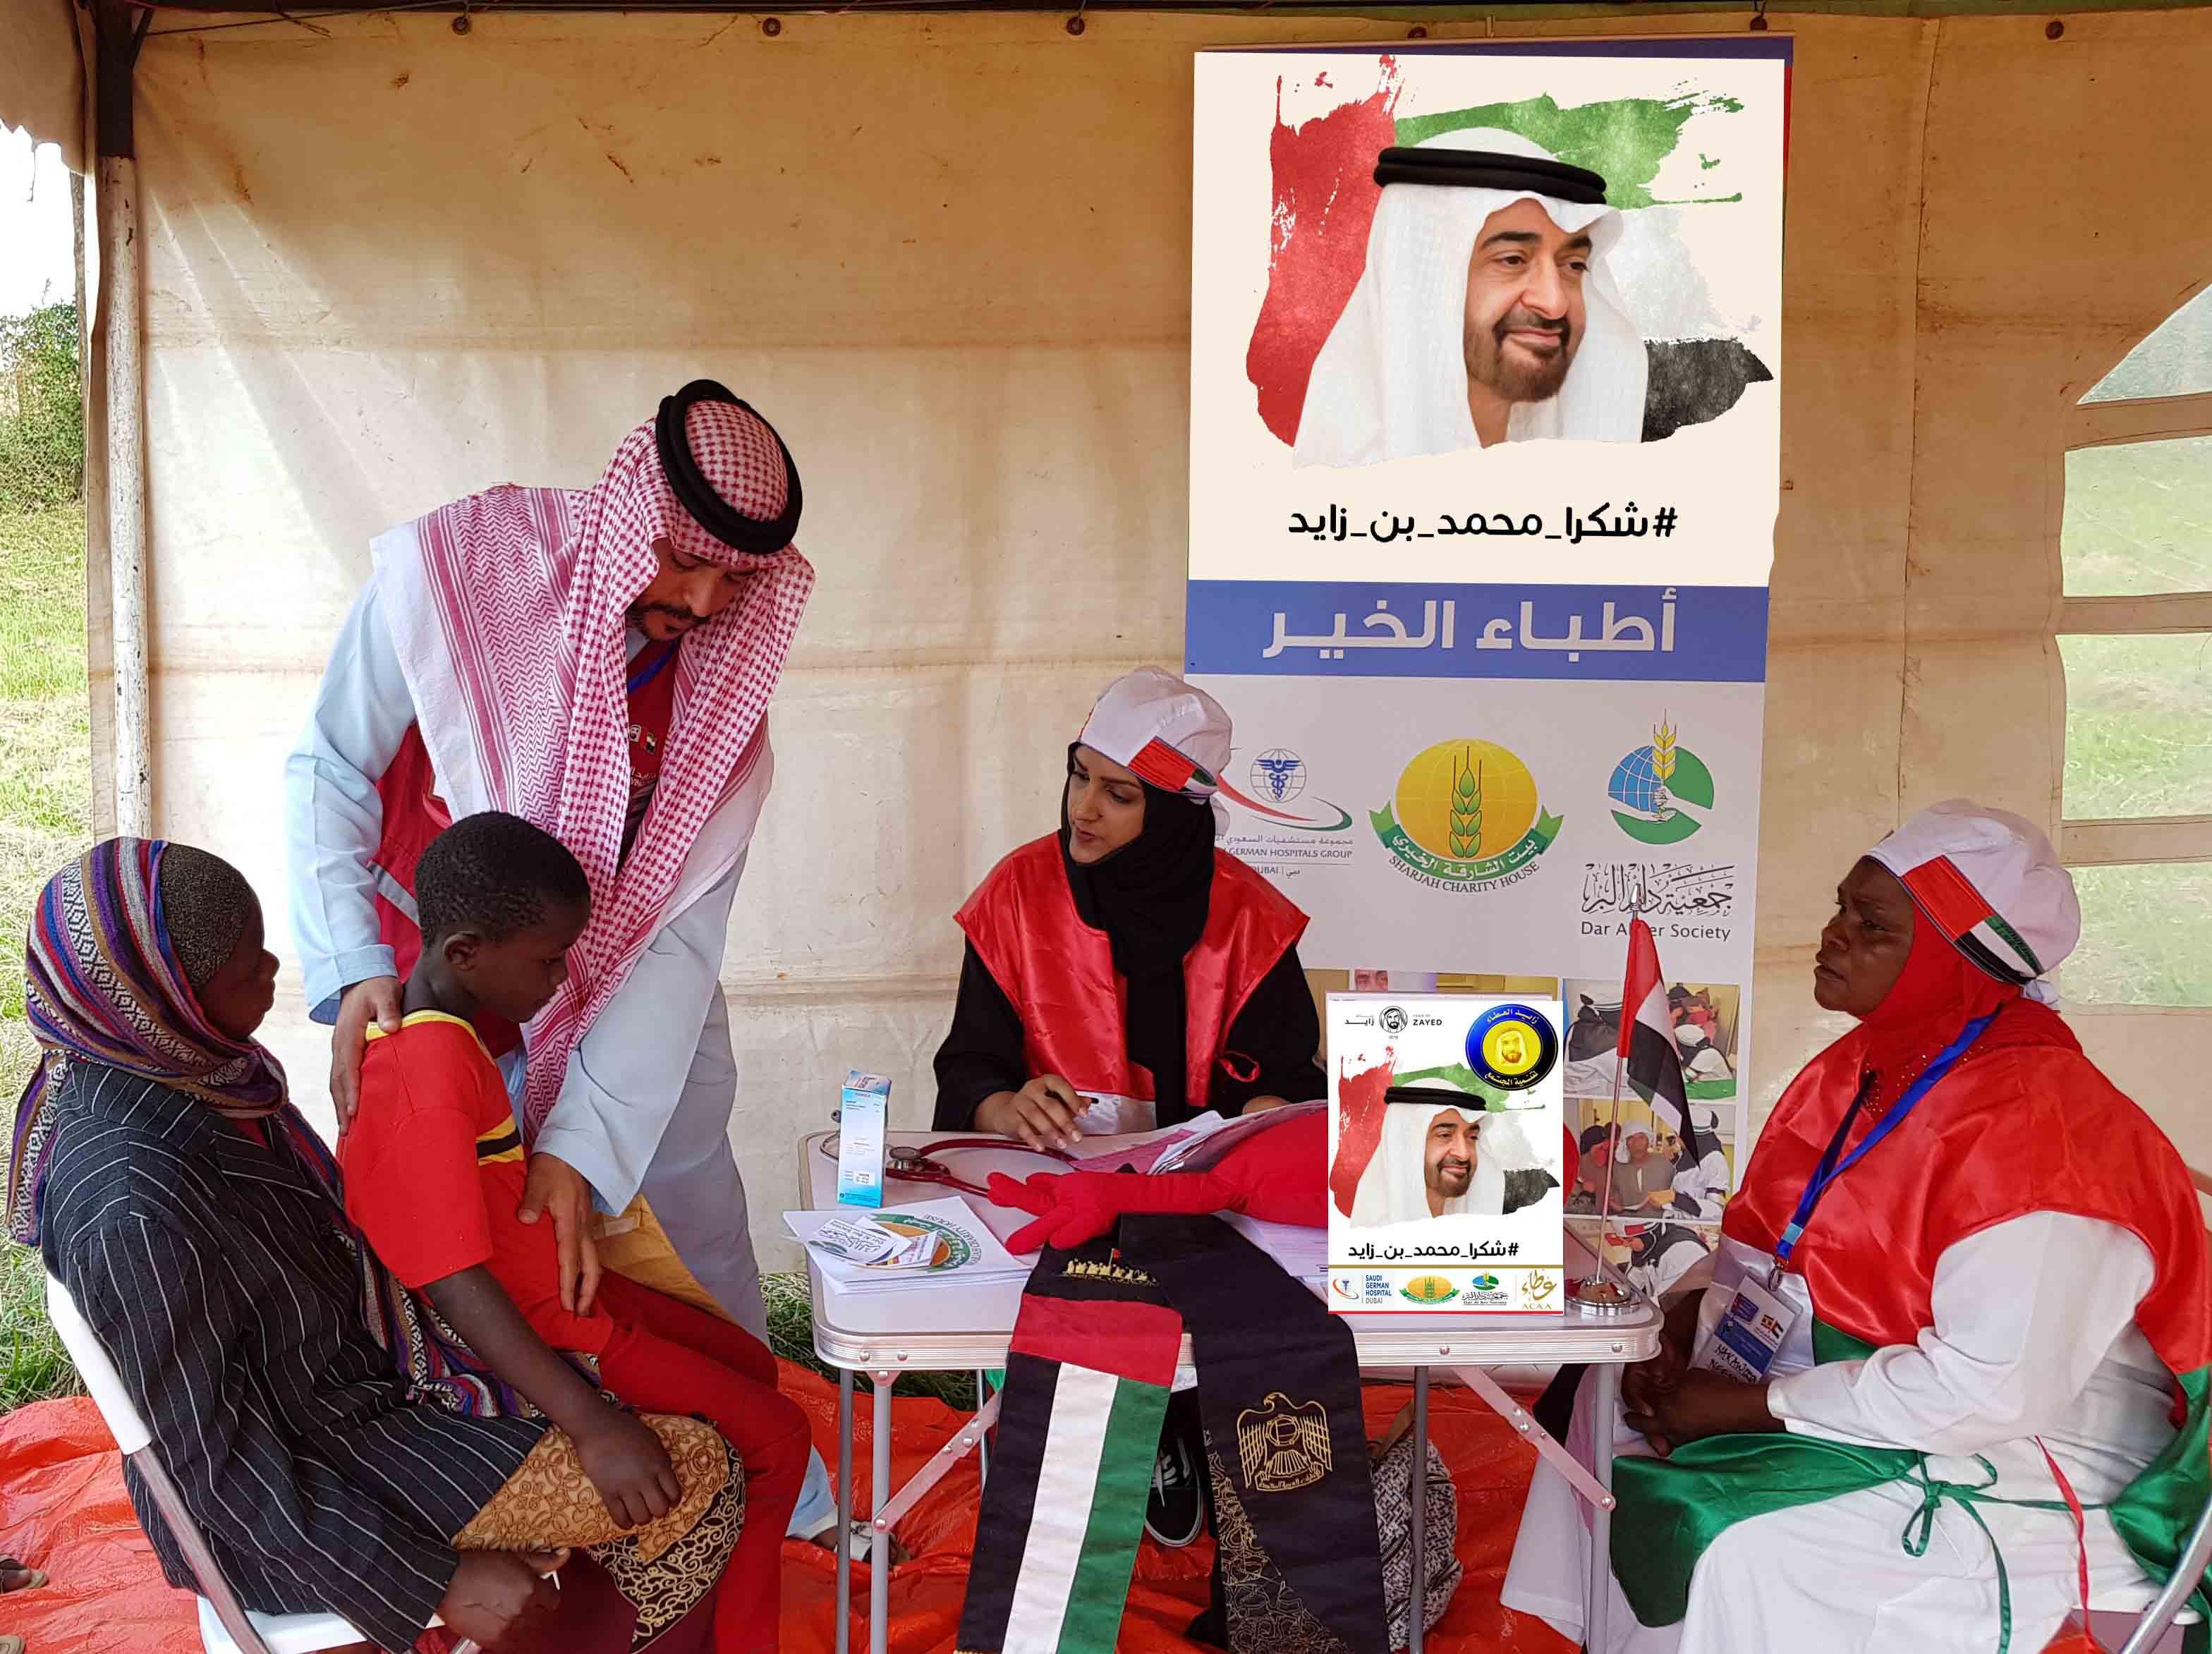 اطباء الامارات يطلقون حملة مليون ساعة عطاء محليا وعالميا 2